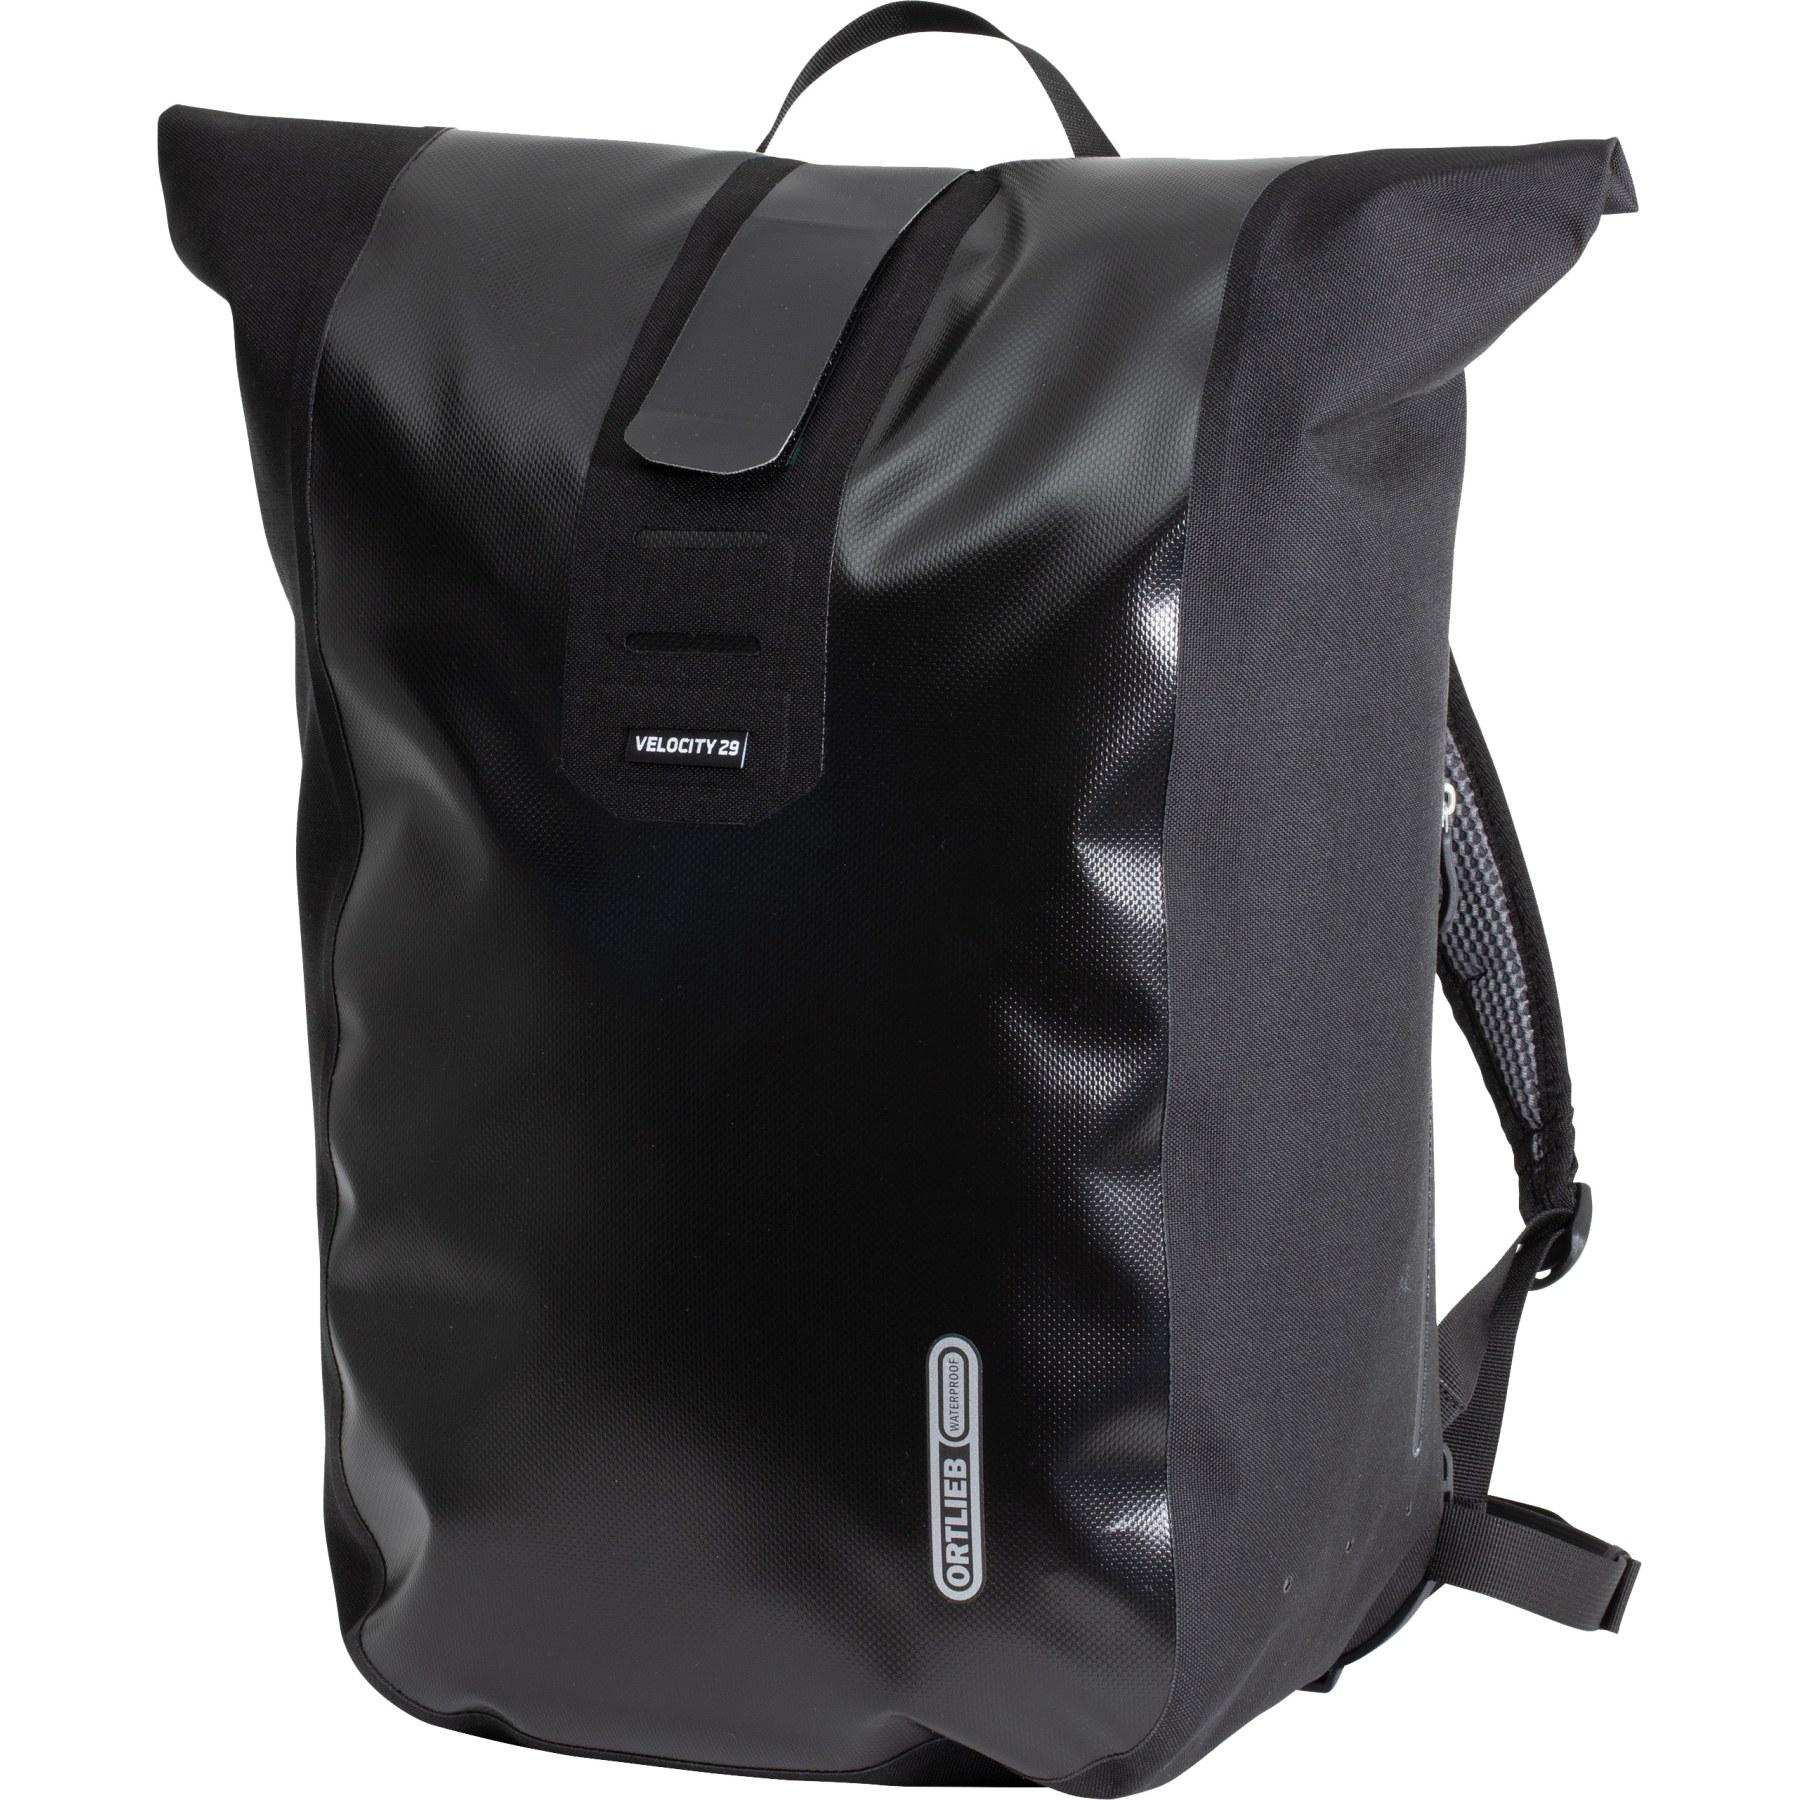 Produktbild von ORTLIEB Velocity - 29L Daypack - black